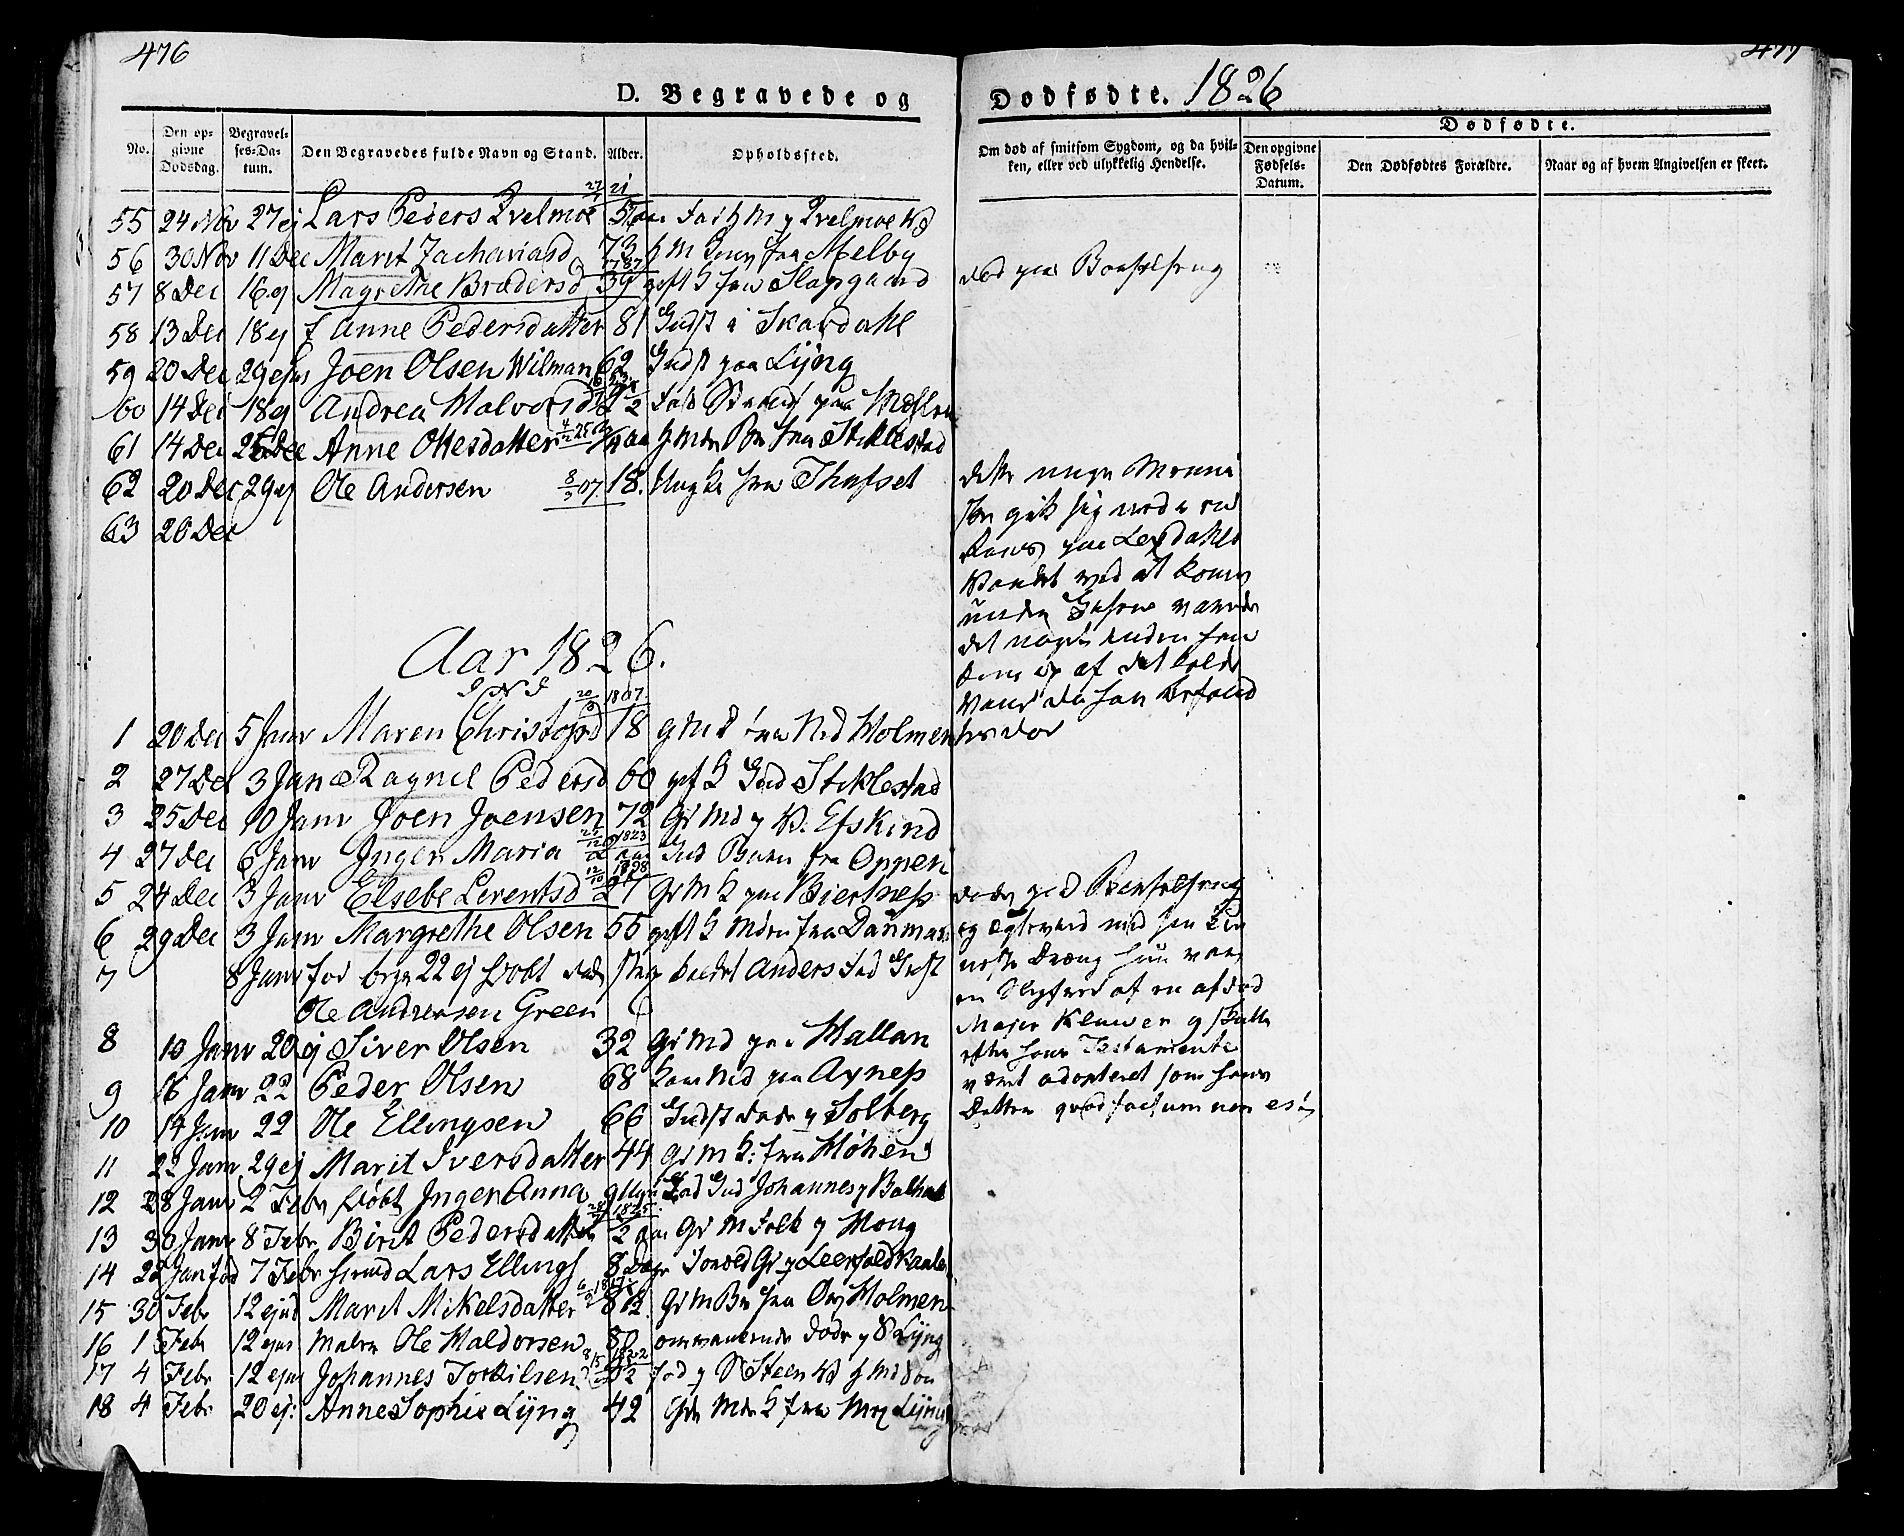 SAT, Ministerialprotokoller, klokkerbøker og fødselsregistre - Nord-Trøndelag, 723/L0237: Ministerialbok nr. 723A06, 1822-1830, s. 476-477